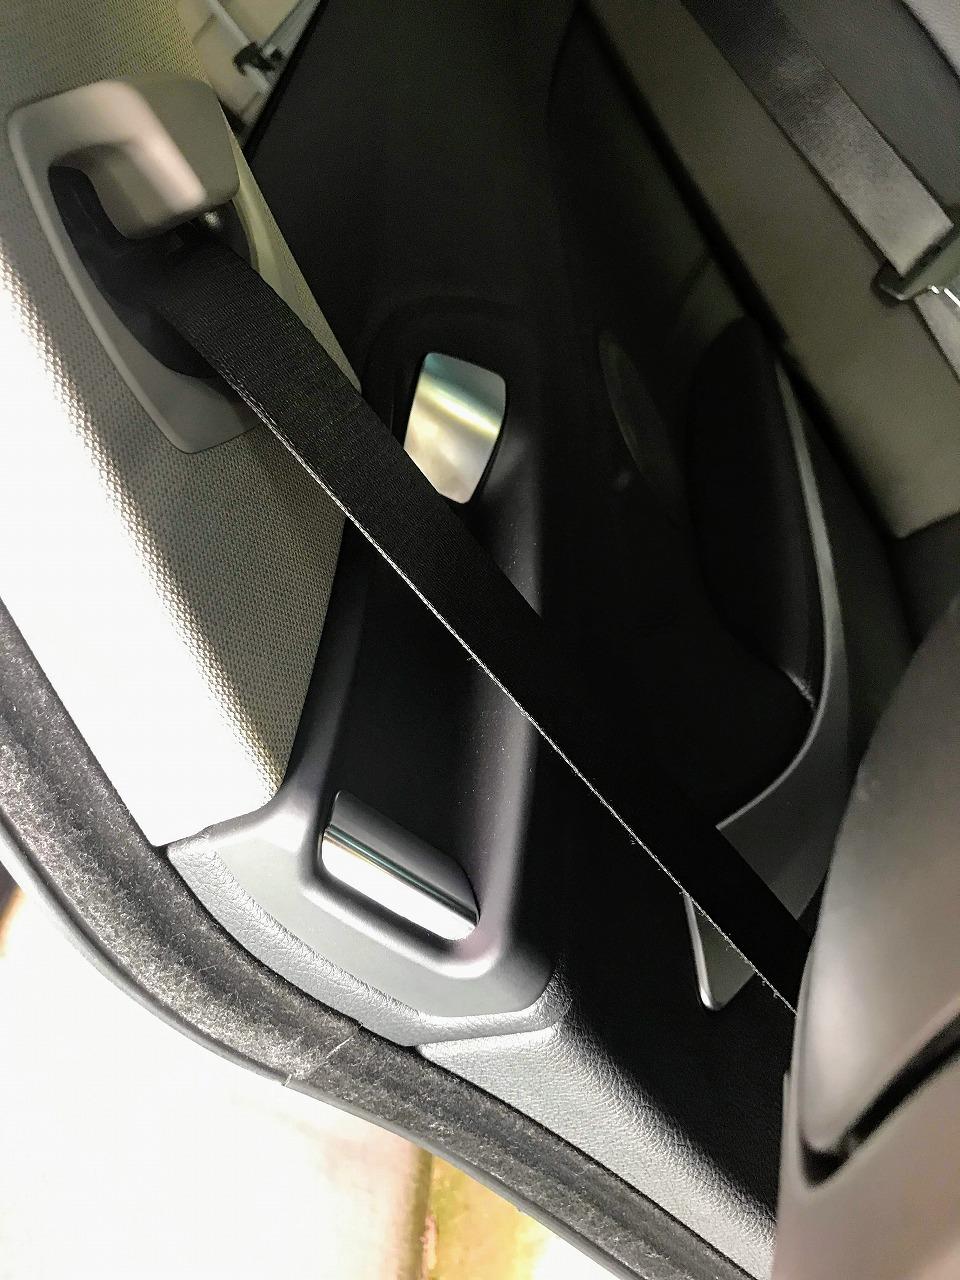 ALPINA D4(BMW F32)の運転席・助手席シートベルトを手元まで自動的に運んでくれる「電動シートベルト・ハンドオーバー」機能が便利^^